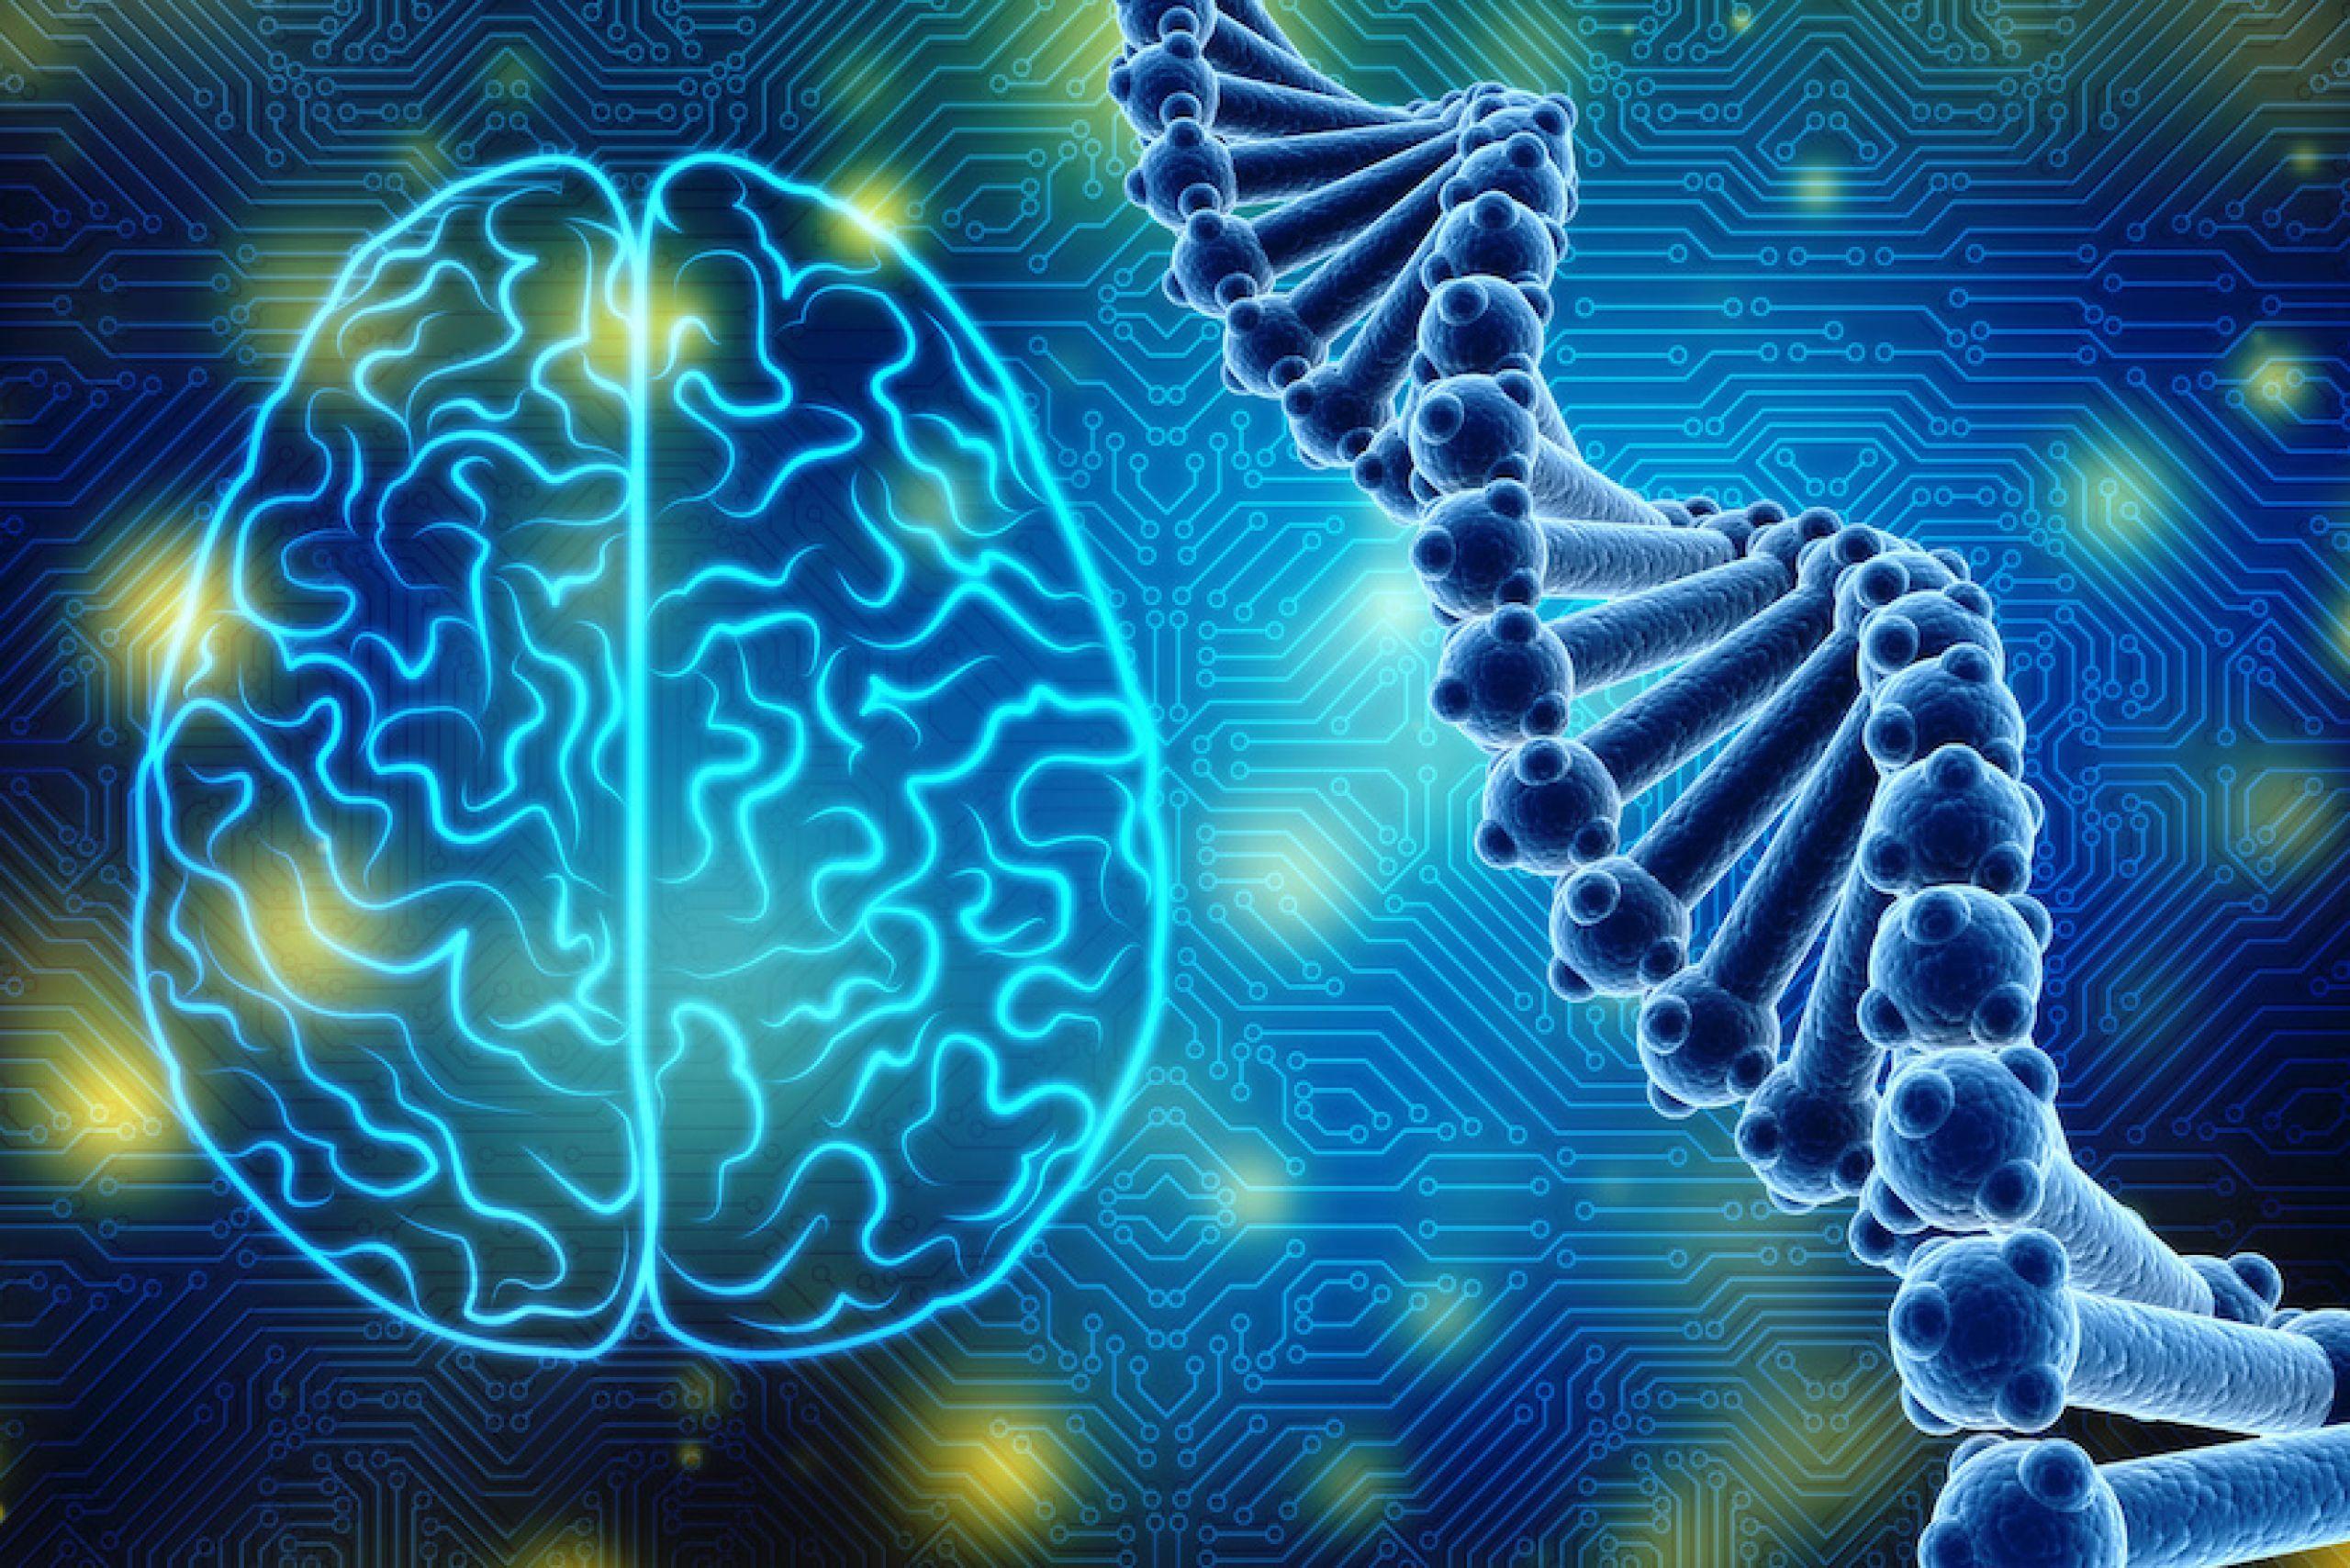 Amicus Therapeutics brains & DNA Helix diagram